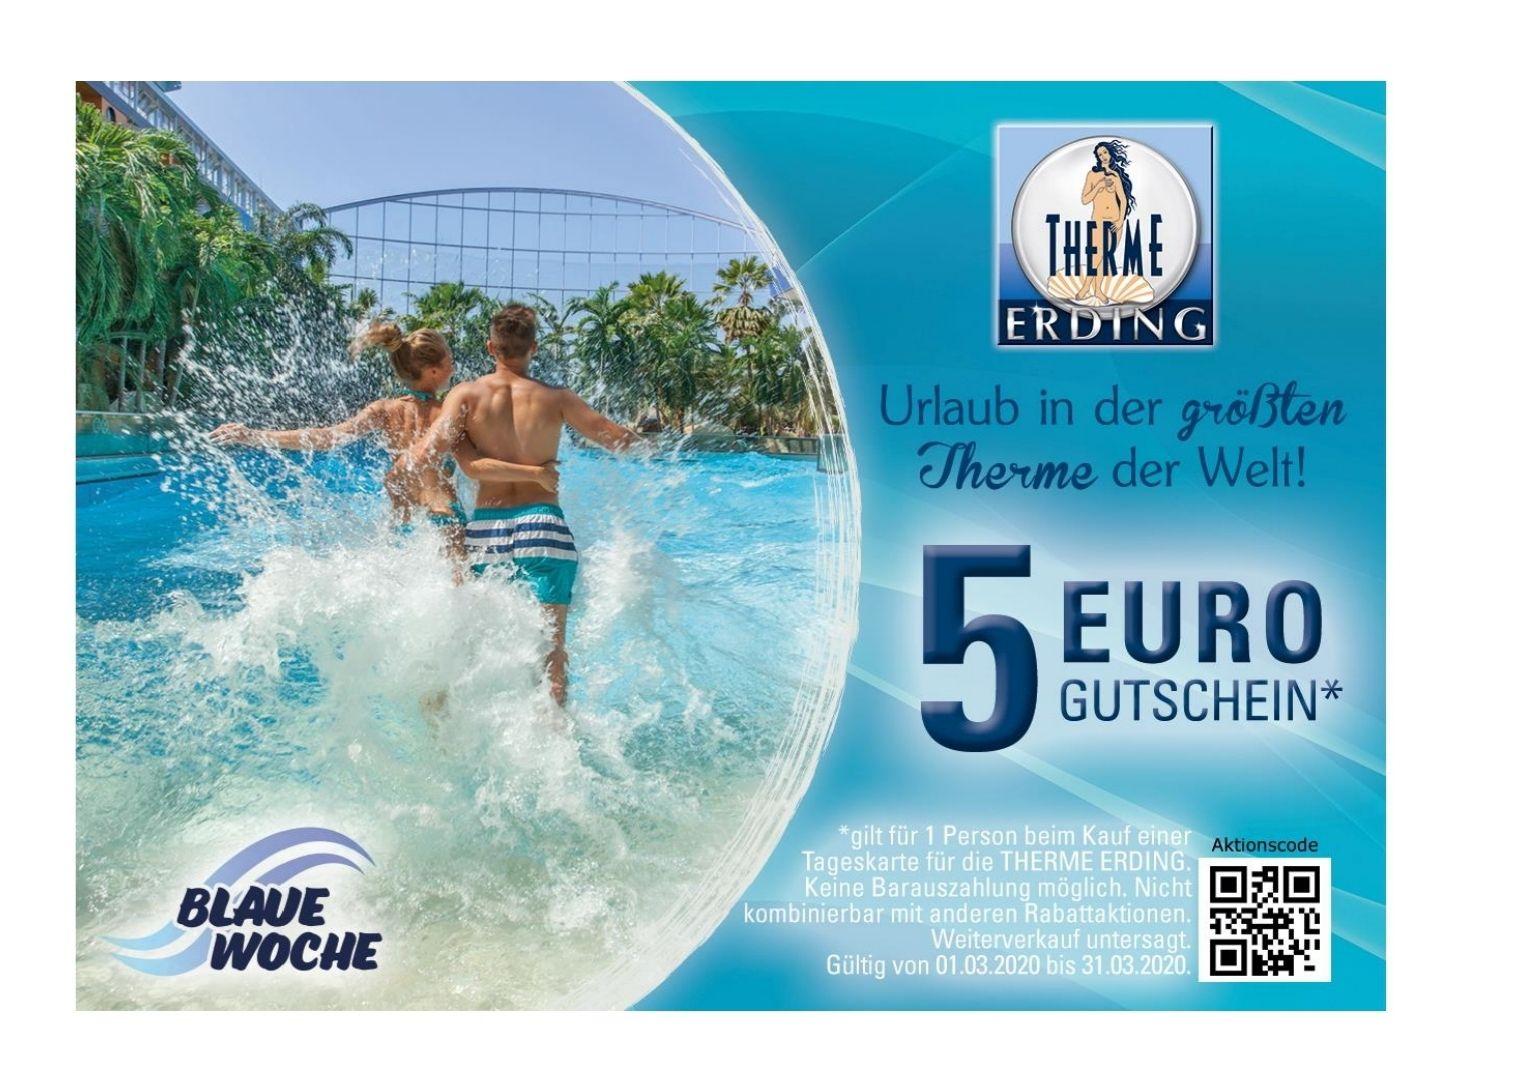 [Blaue Woche] Therme Erding 5 €Gutschein auf Tageseintritt nur heute